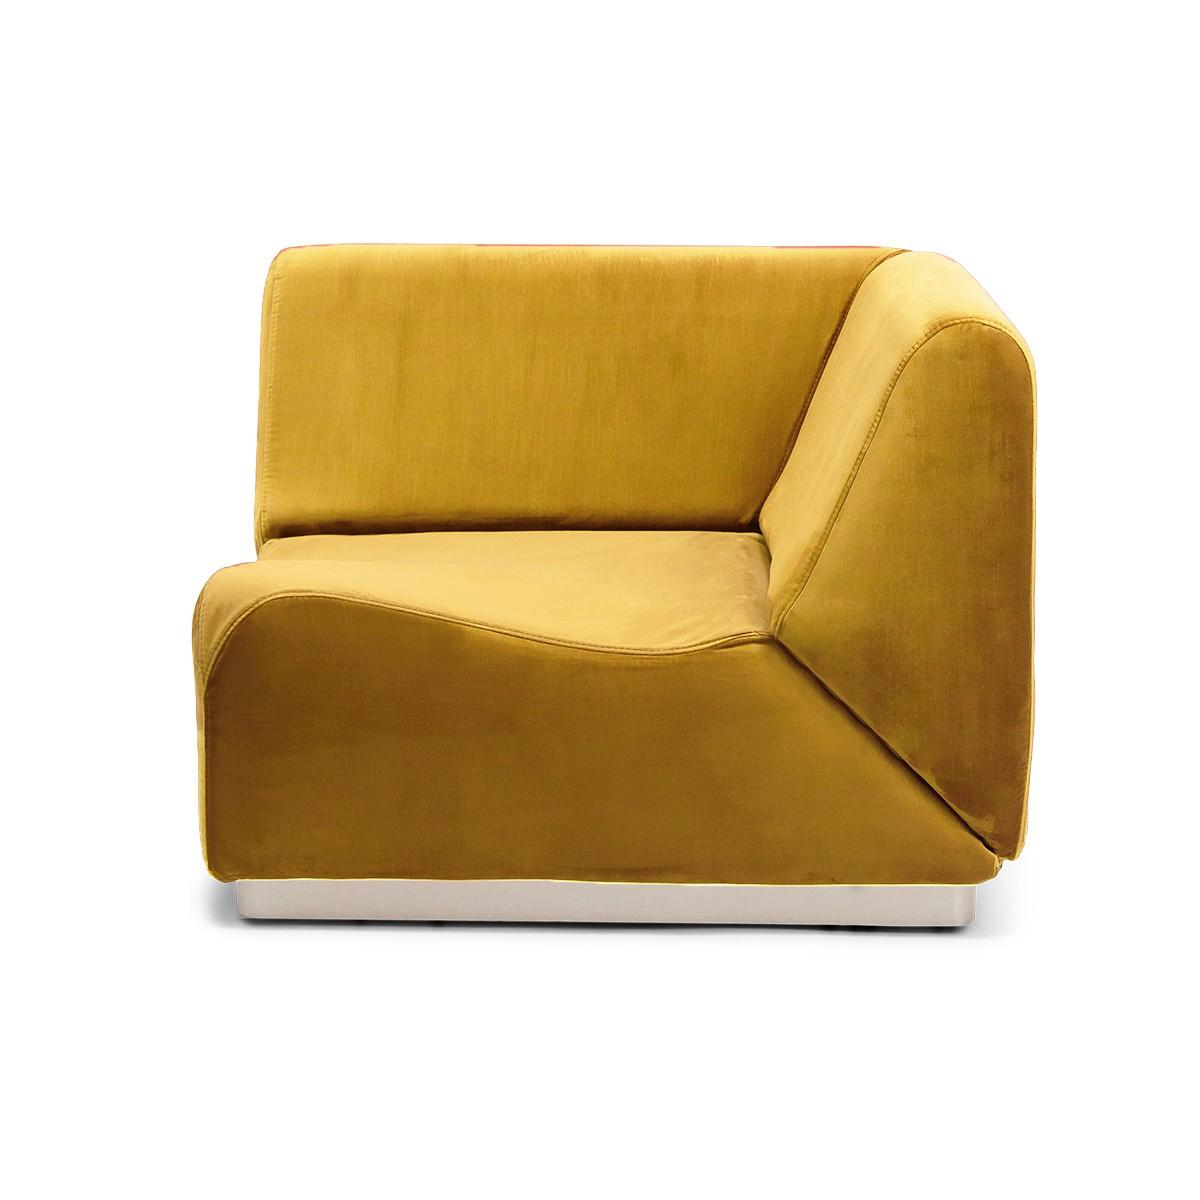 Rotondo Corner Fireside Chair in Mustard Velvet